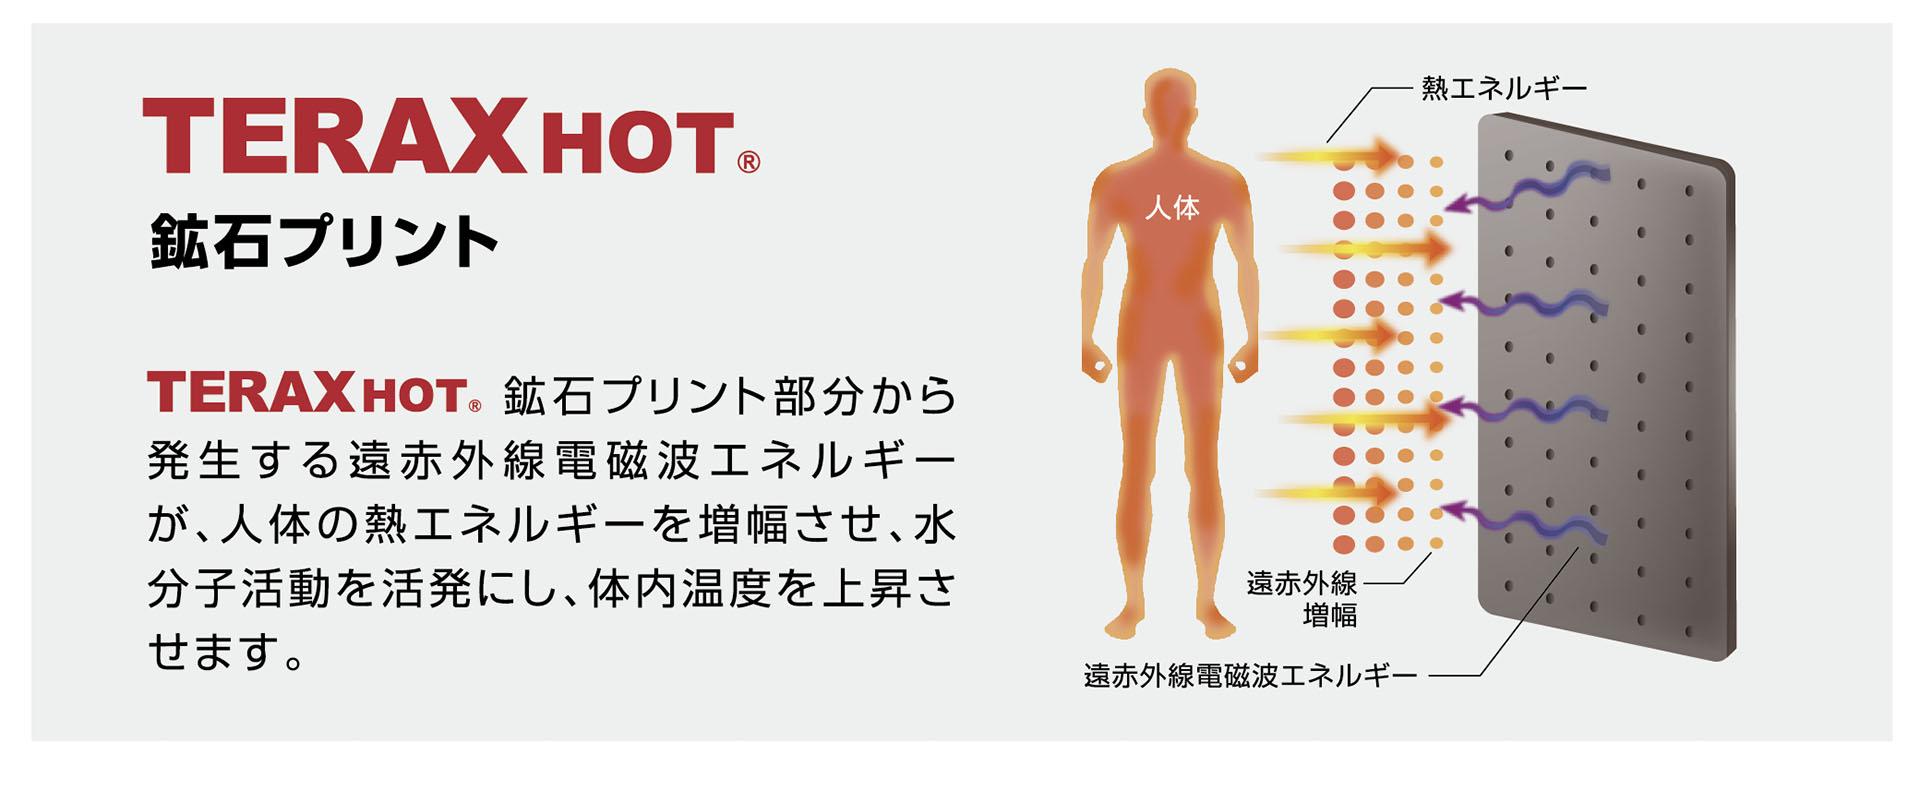 鉱石プリント部分から発生する遠赤外線電磁波エネルギーが、人体の熱エネルギーを増幅させ、水分子活動を活発にし、体内温度を上昇させます。